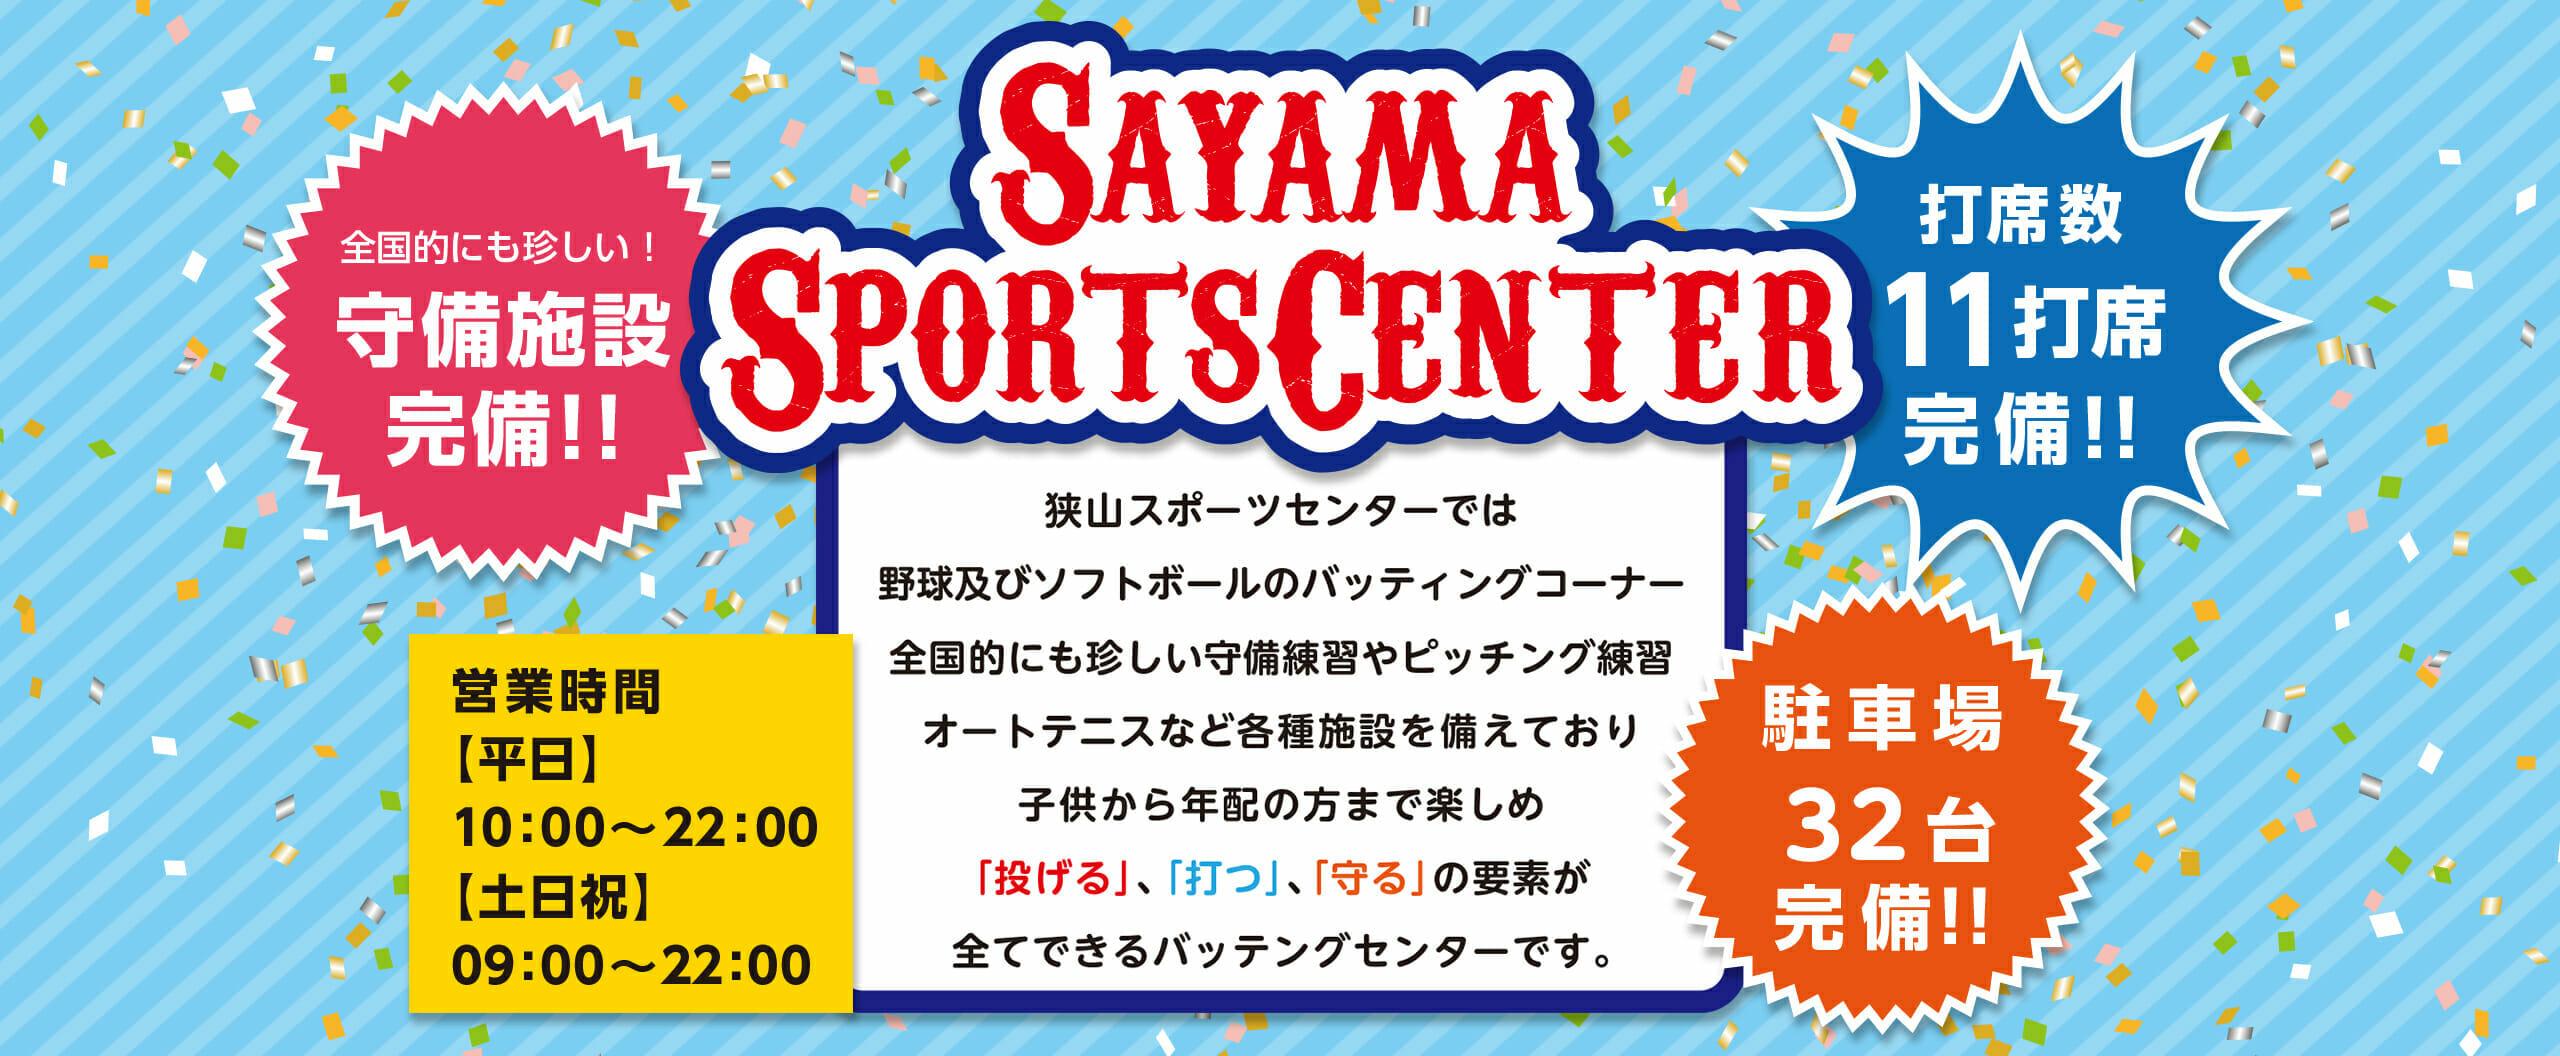 狭山スポーツセンター